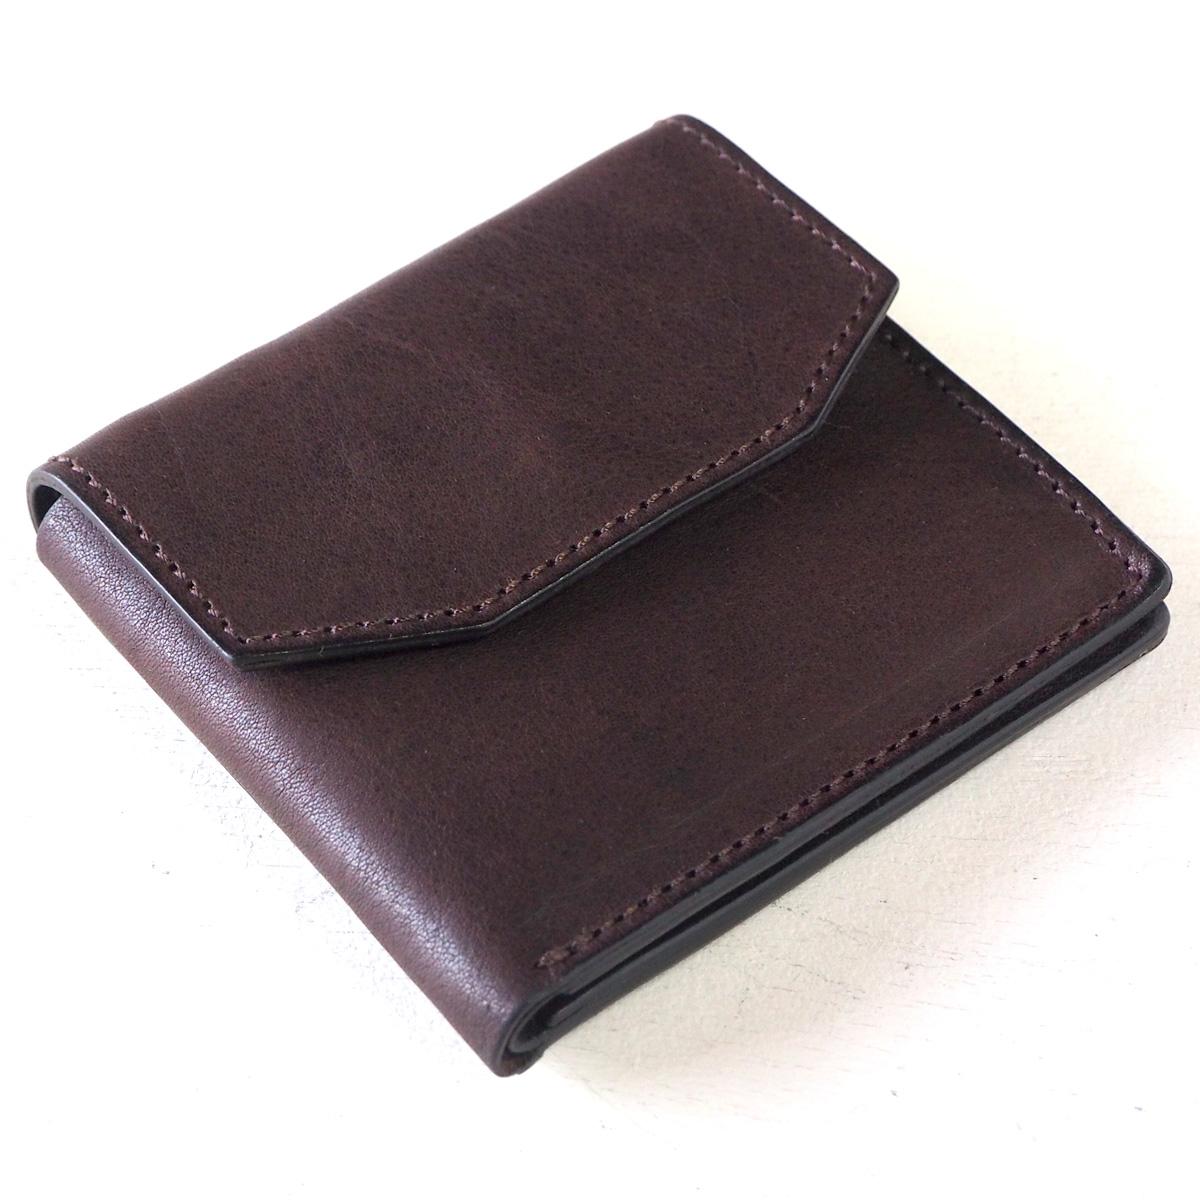 ANNAK(アナック) 栃木レザー コンパクト二つ折り ギャルソンウォレット オールレザー ダークブラウン [AK16TA-B0054-DBR] 2つ折り財布 レザーウォレット 革財布 革製品 革小物